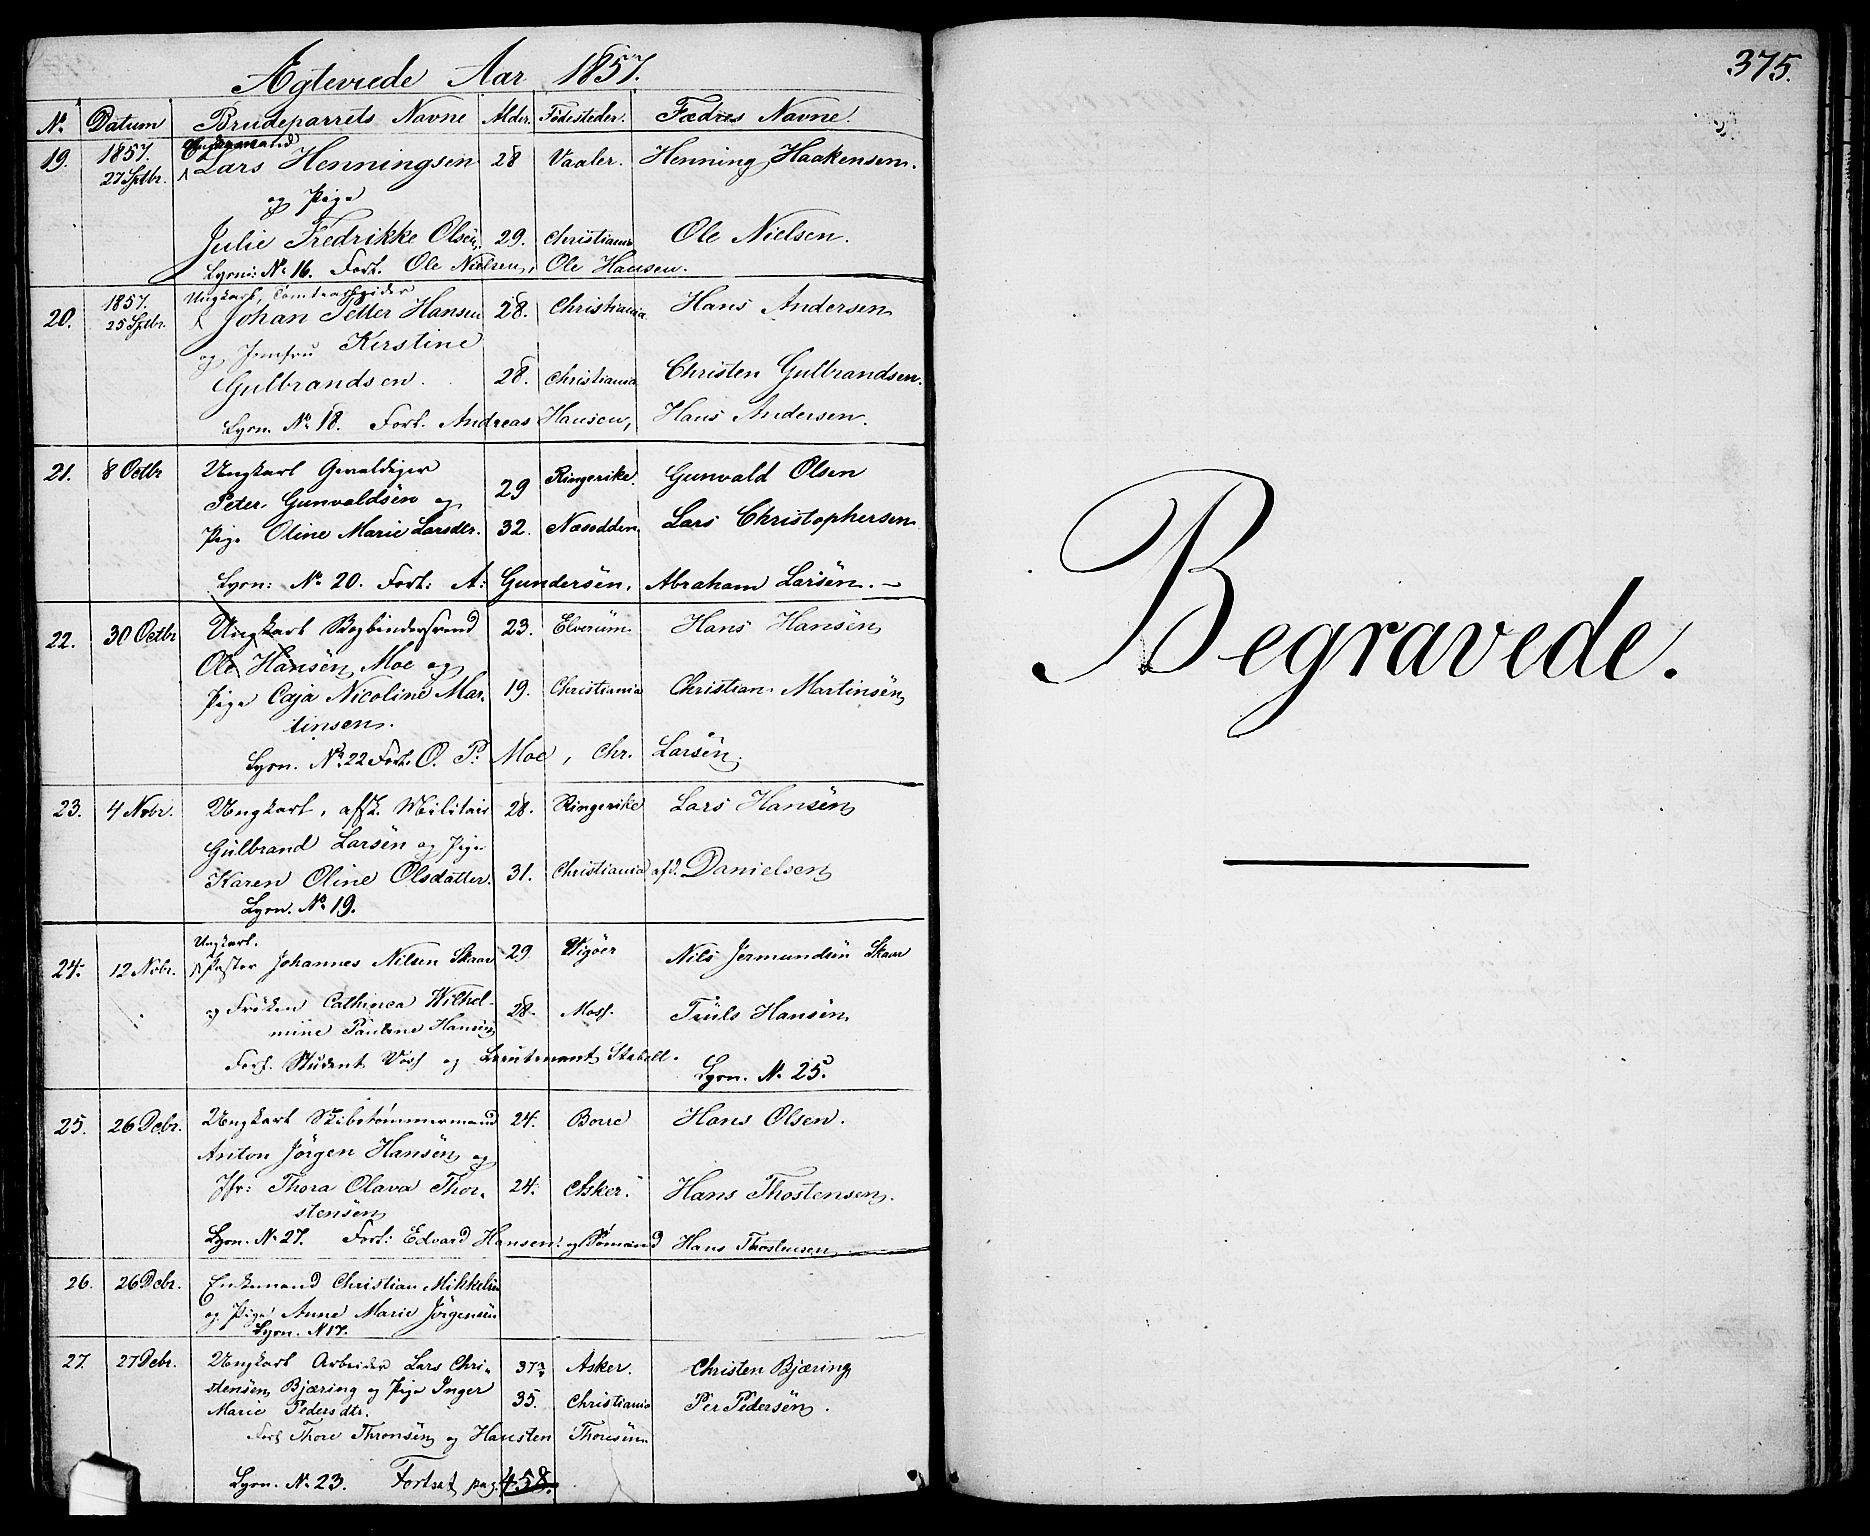 SAO, Garnisonsmenigheten Kirkebøker, G/Ga/L0005: Klokkerbok nr. 5, 1841-1860, s. 375